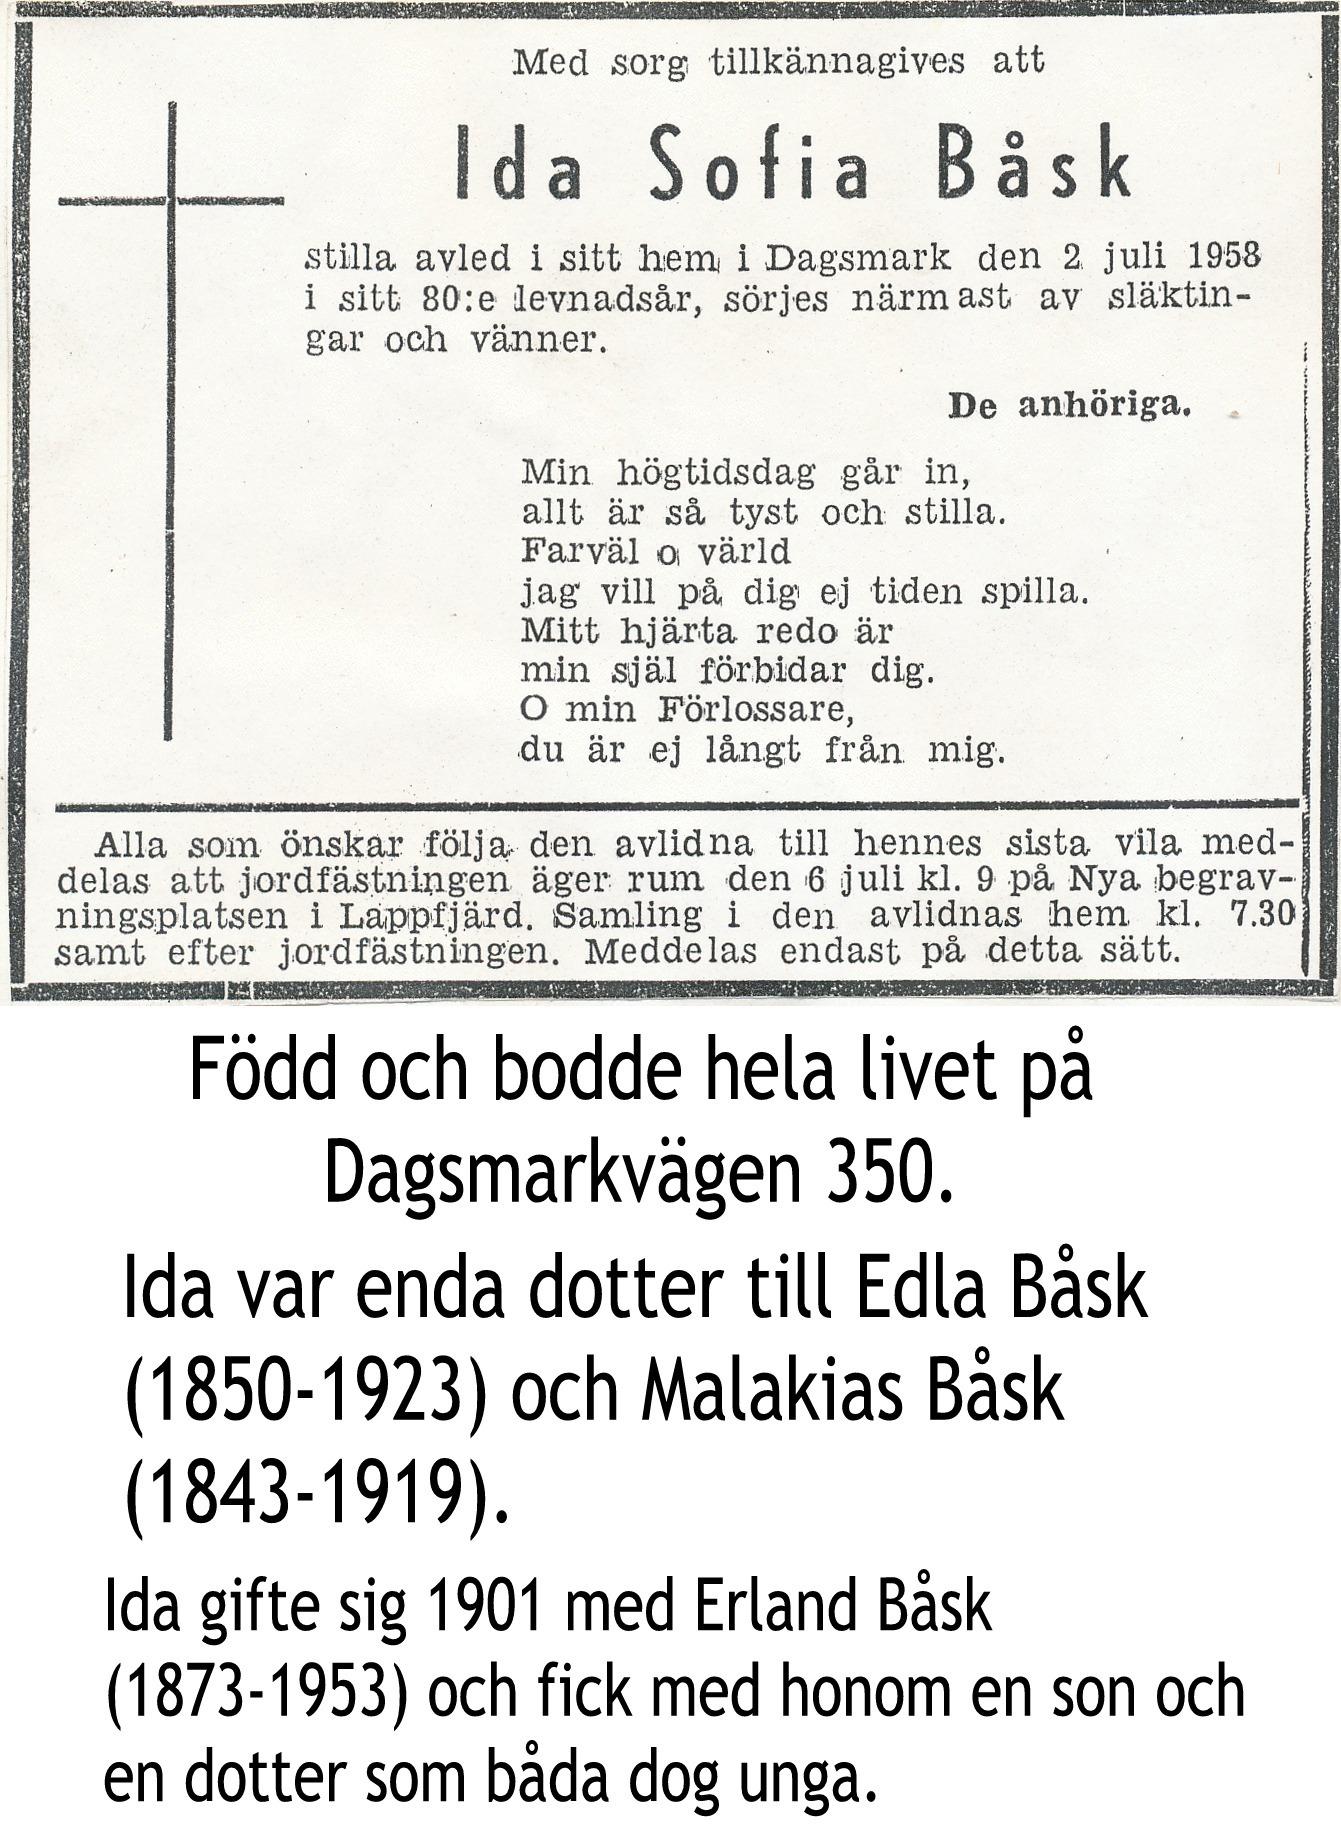 Båsk Ida Sofia